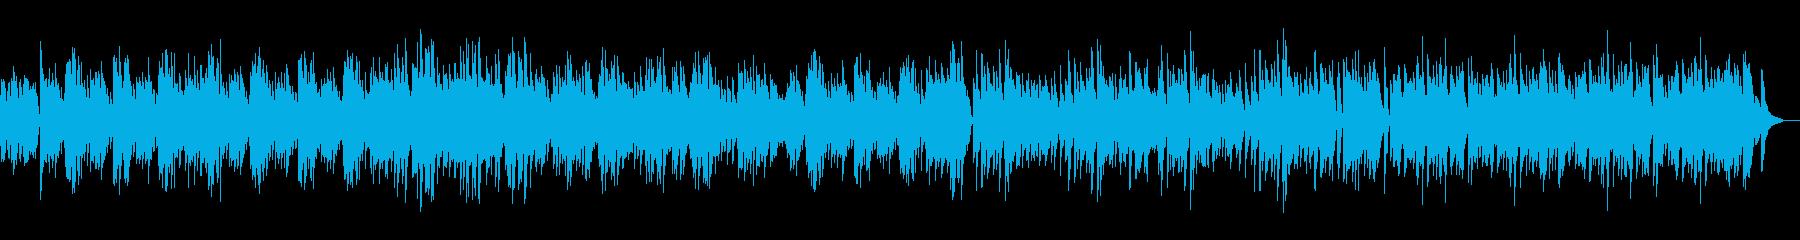 エンターテイナー_オルゴールver.の再生済みの波形